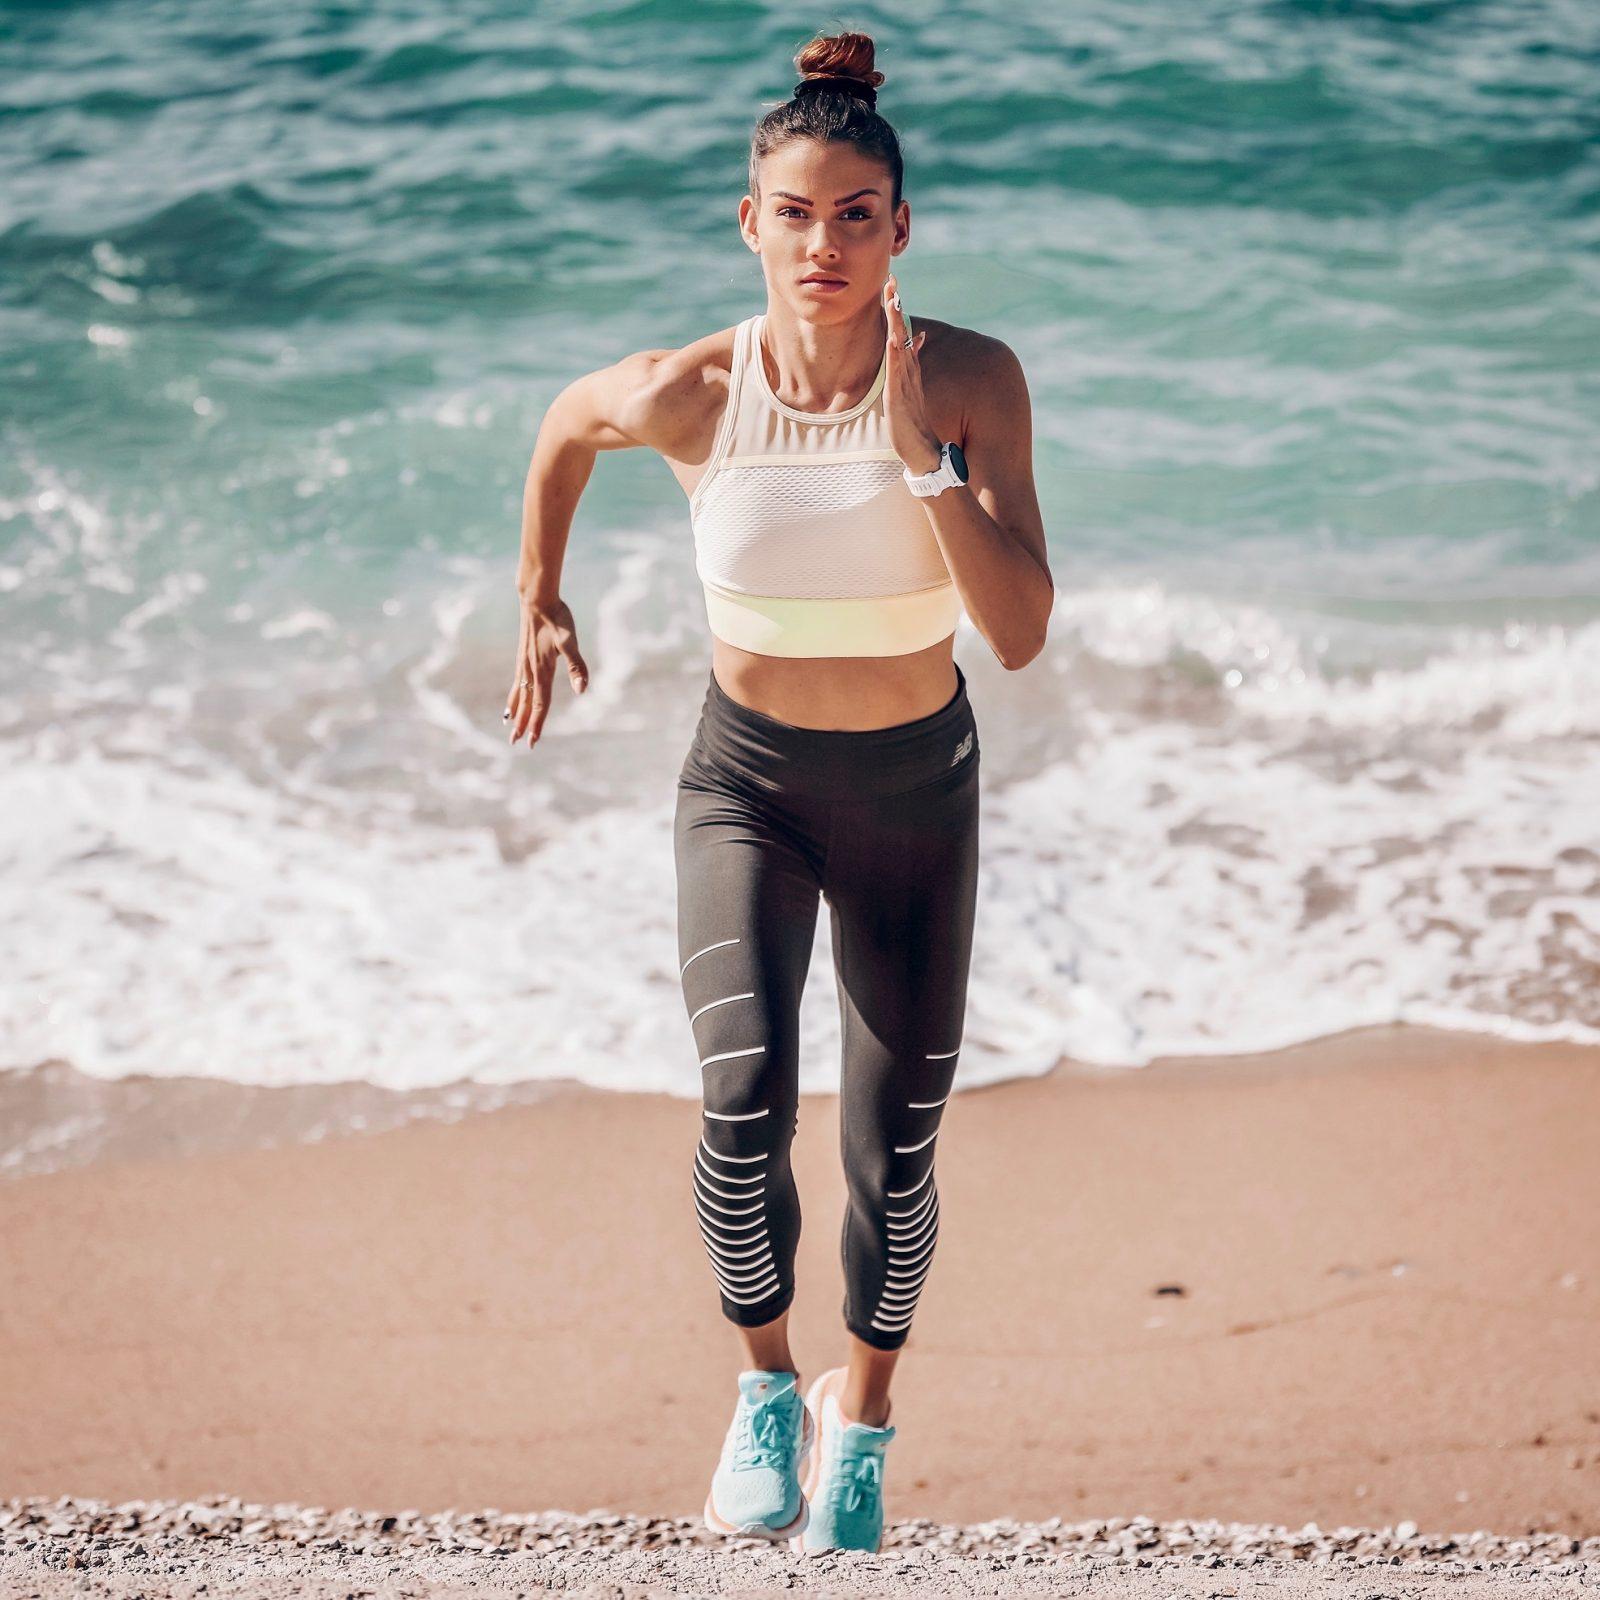 Ρωτήσαμε τη Ζωή Ανδρικοπούλου: «Τι πρέπει να προσέχω όταν τρέχω;» #ELLERUN